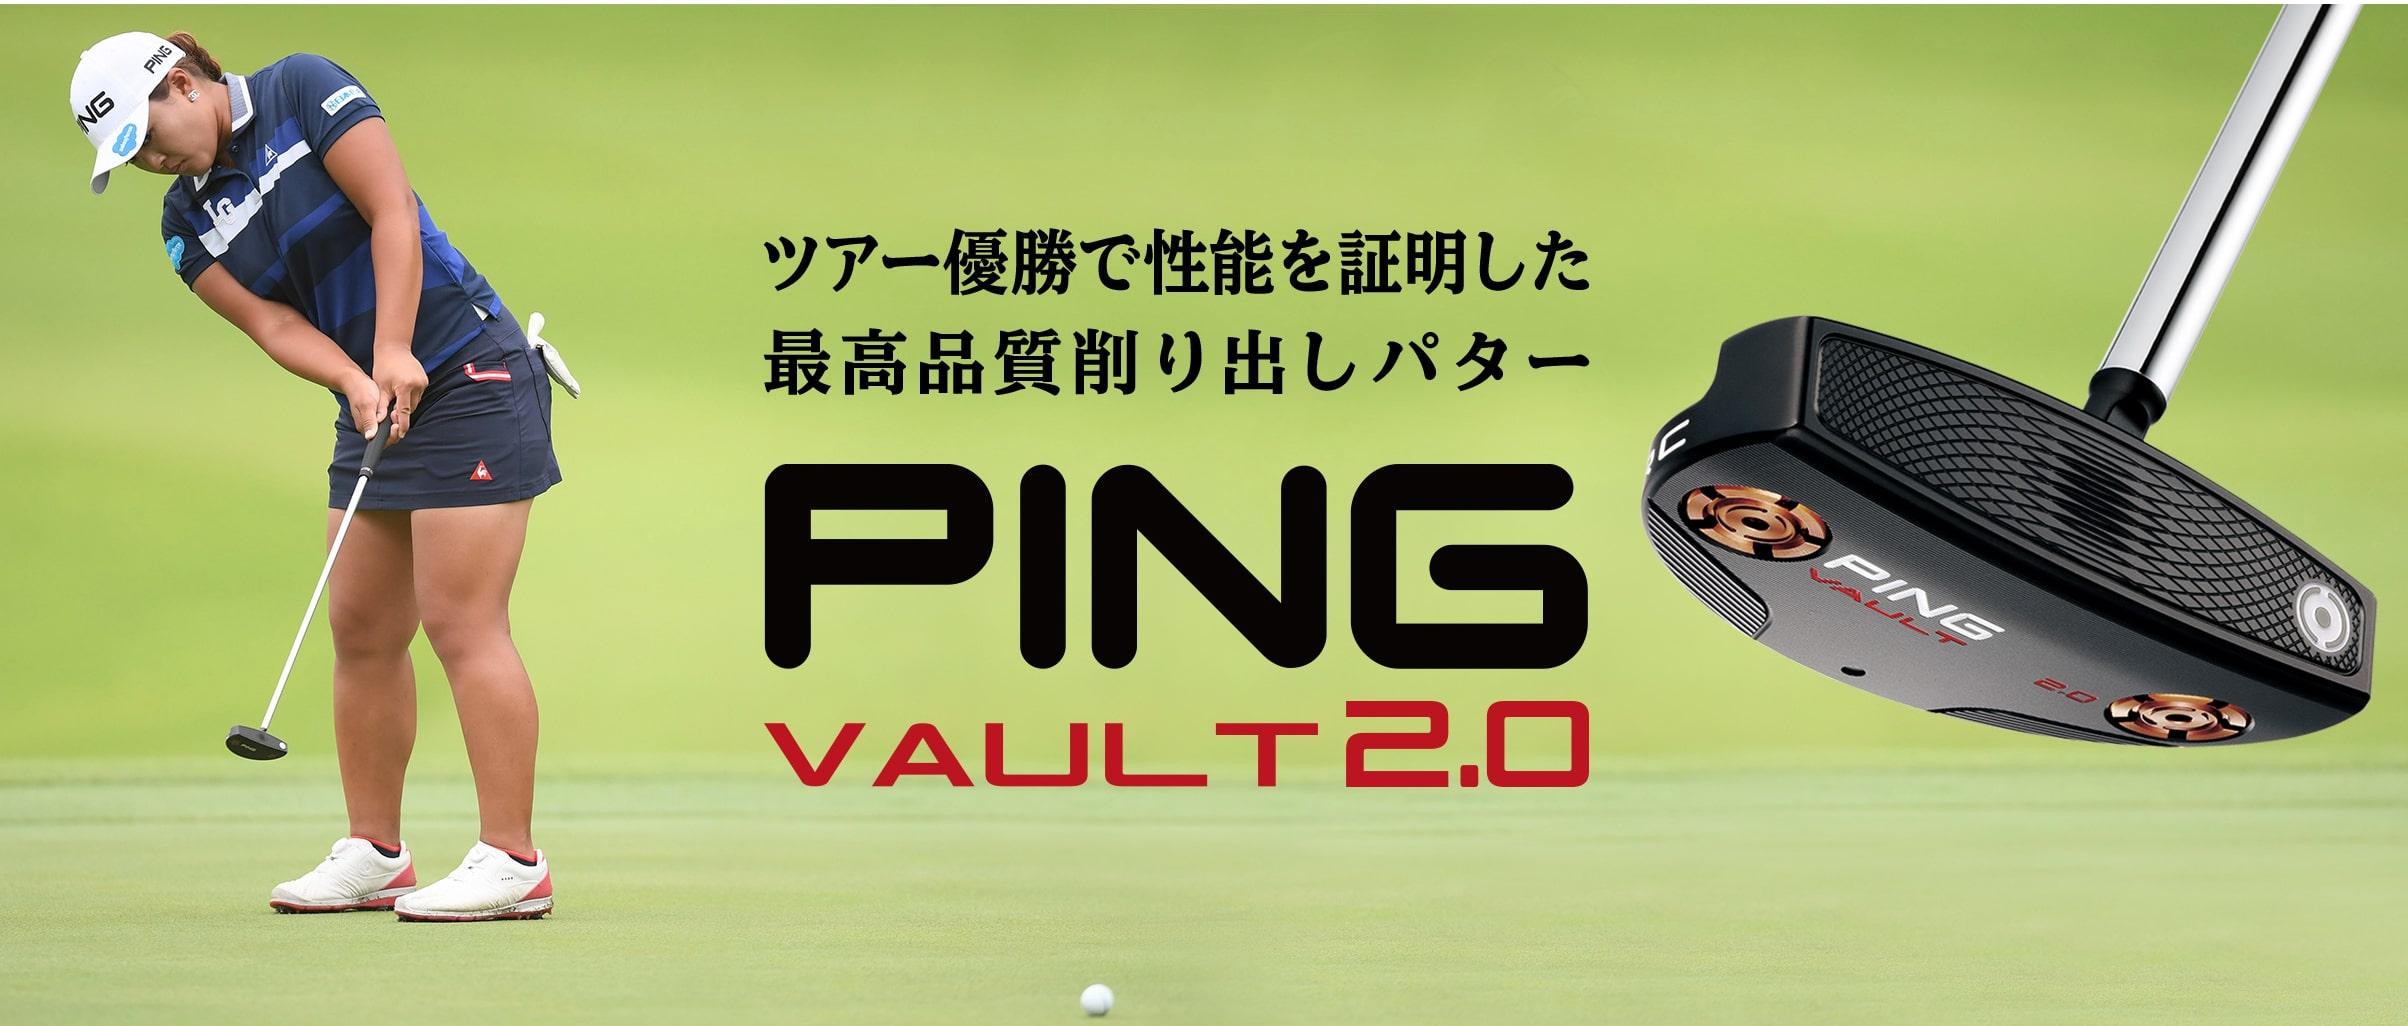 ピンの人気ゴルフパター